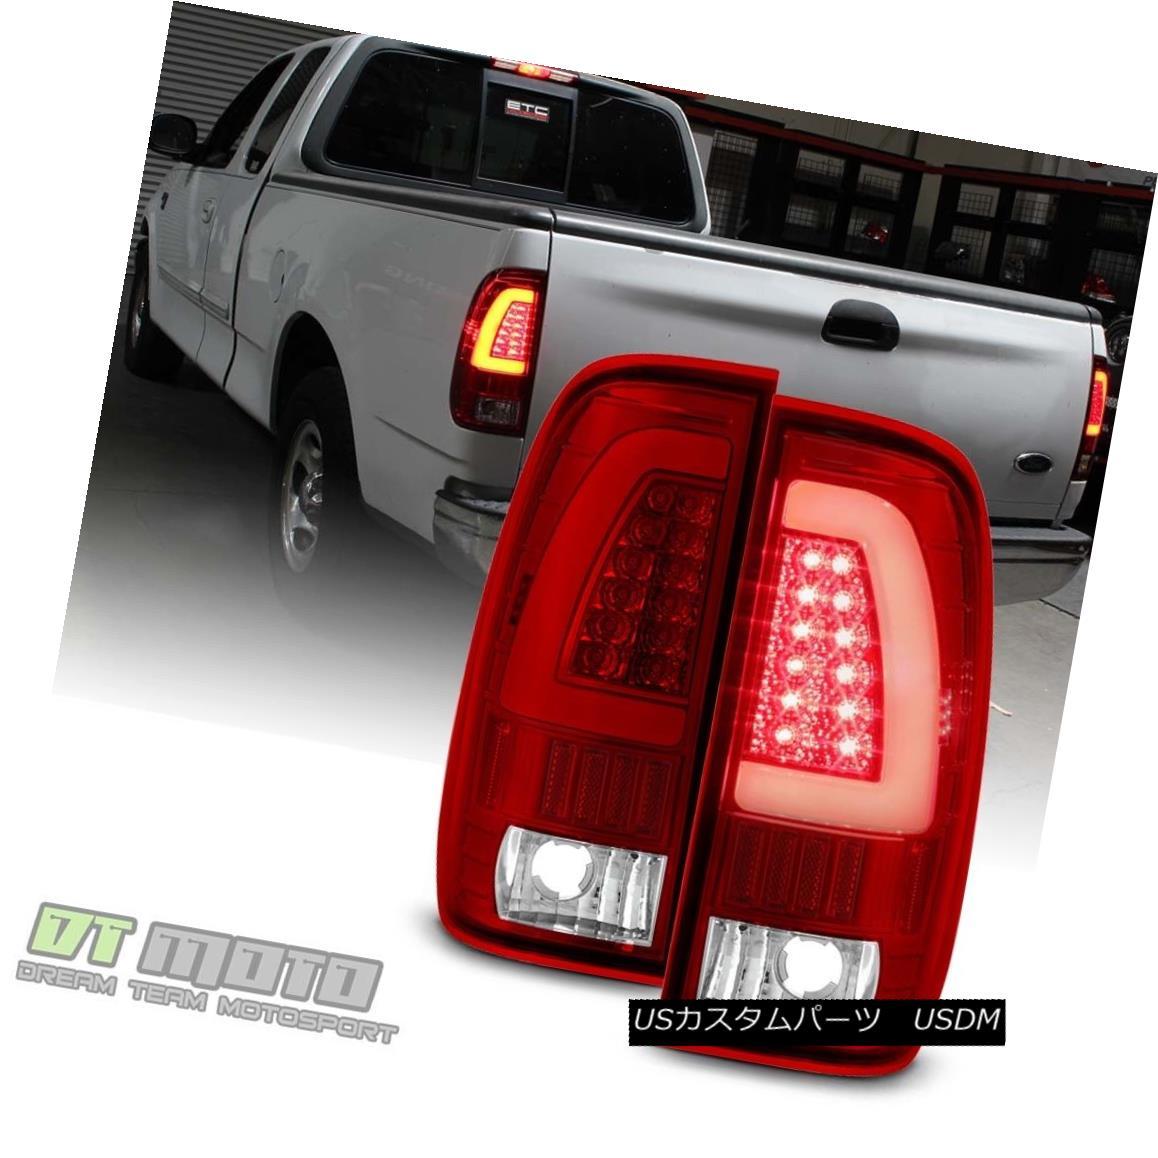 テールライト 1997-2003 Ford F-150 1999-2007 F-250 F-350 Red LED Light Tube Tail Lights Lamps 1997-2003フォードF-150 1999-2007 F-250 F-350赤色LEDライトチューブテールライトランプ